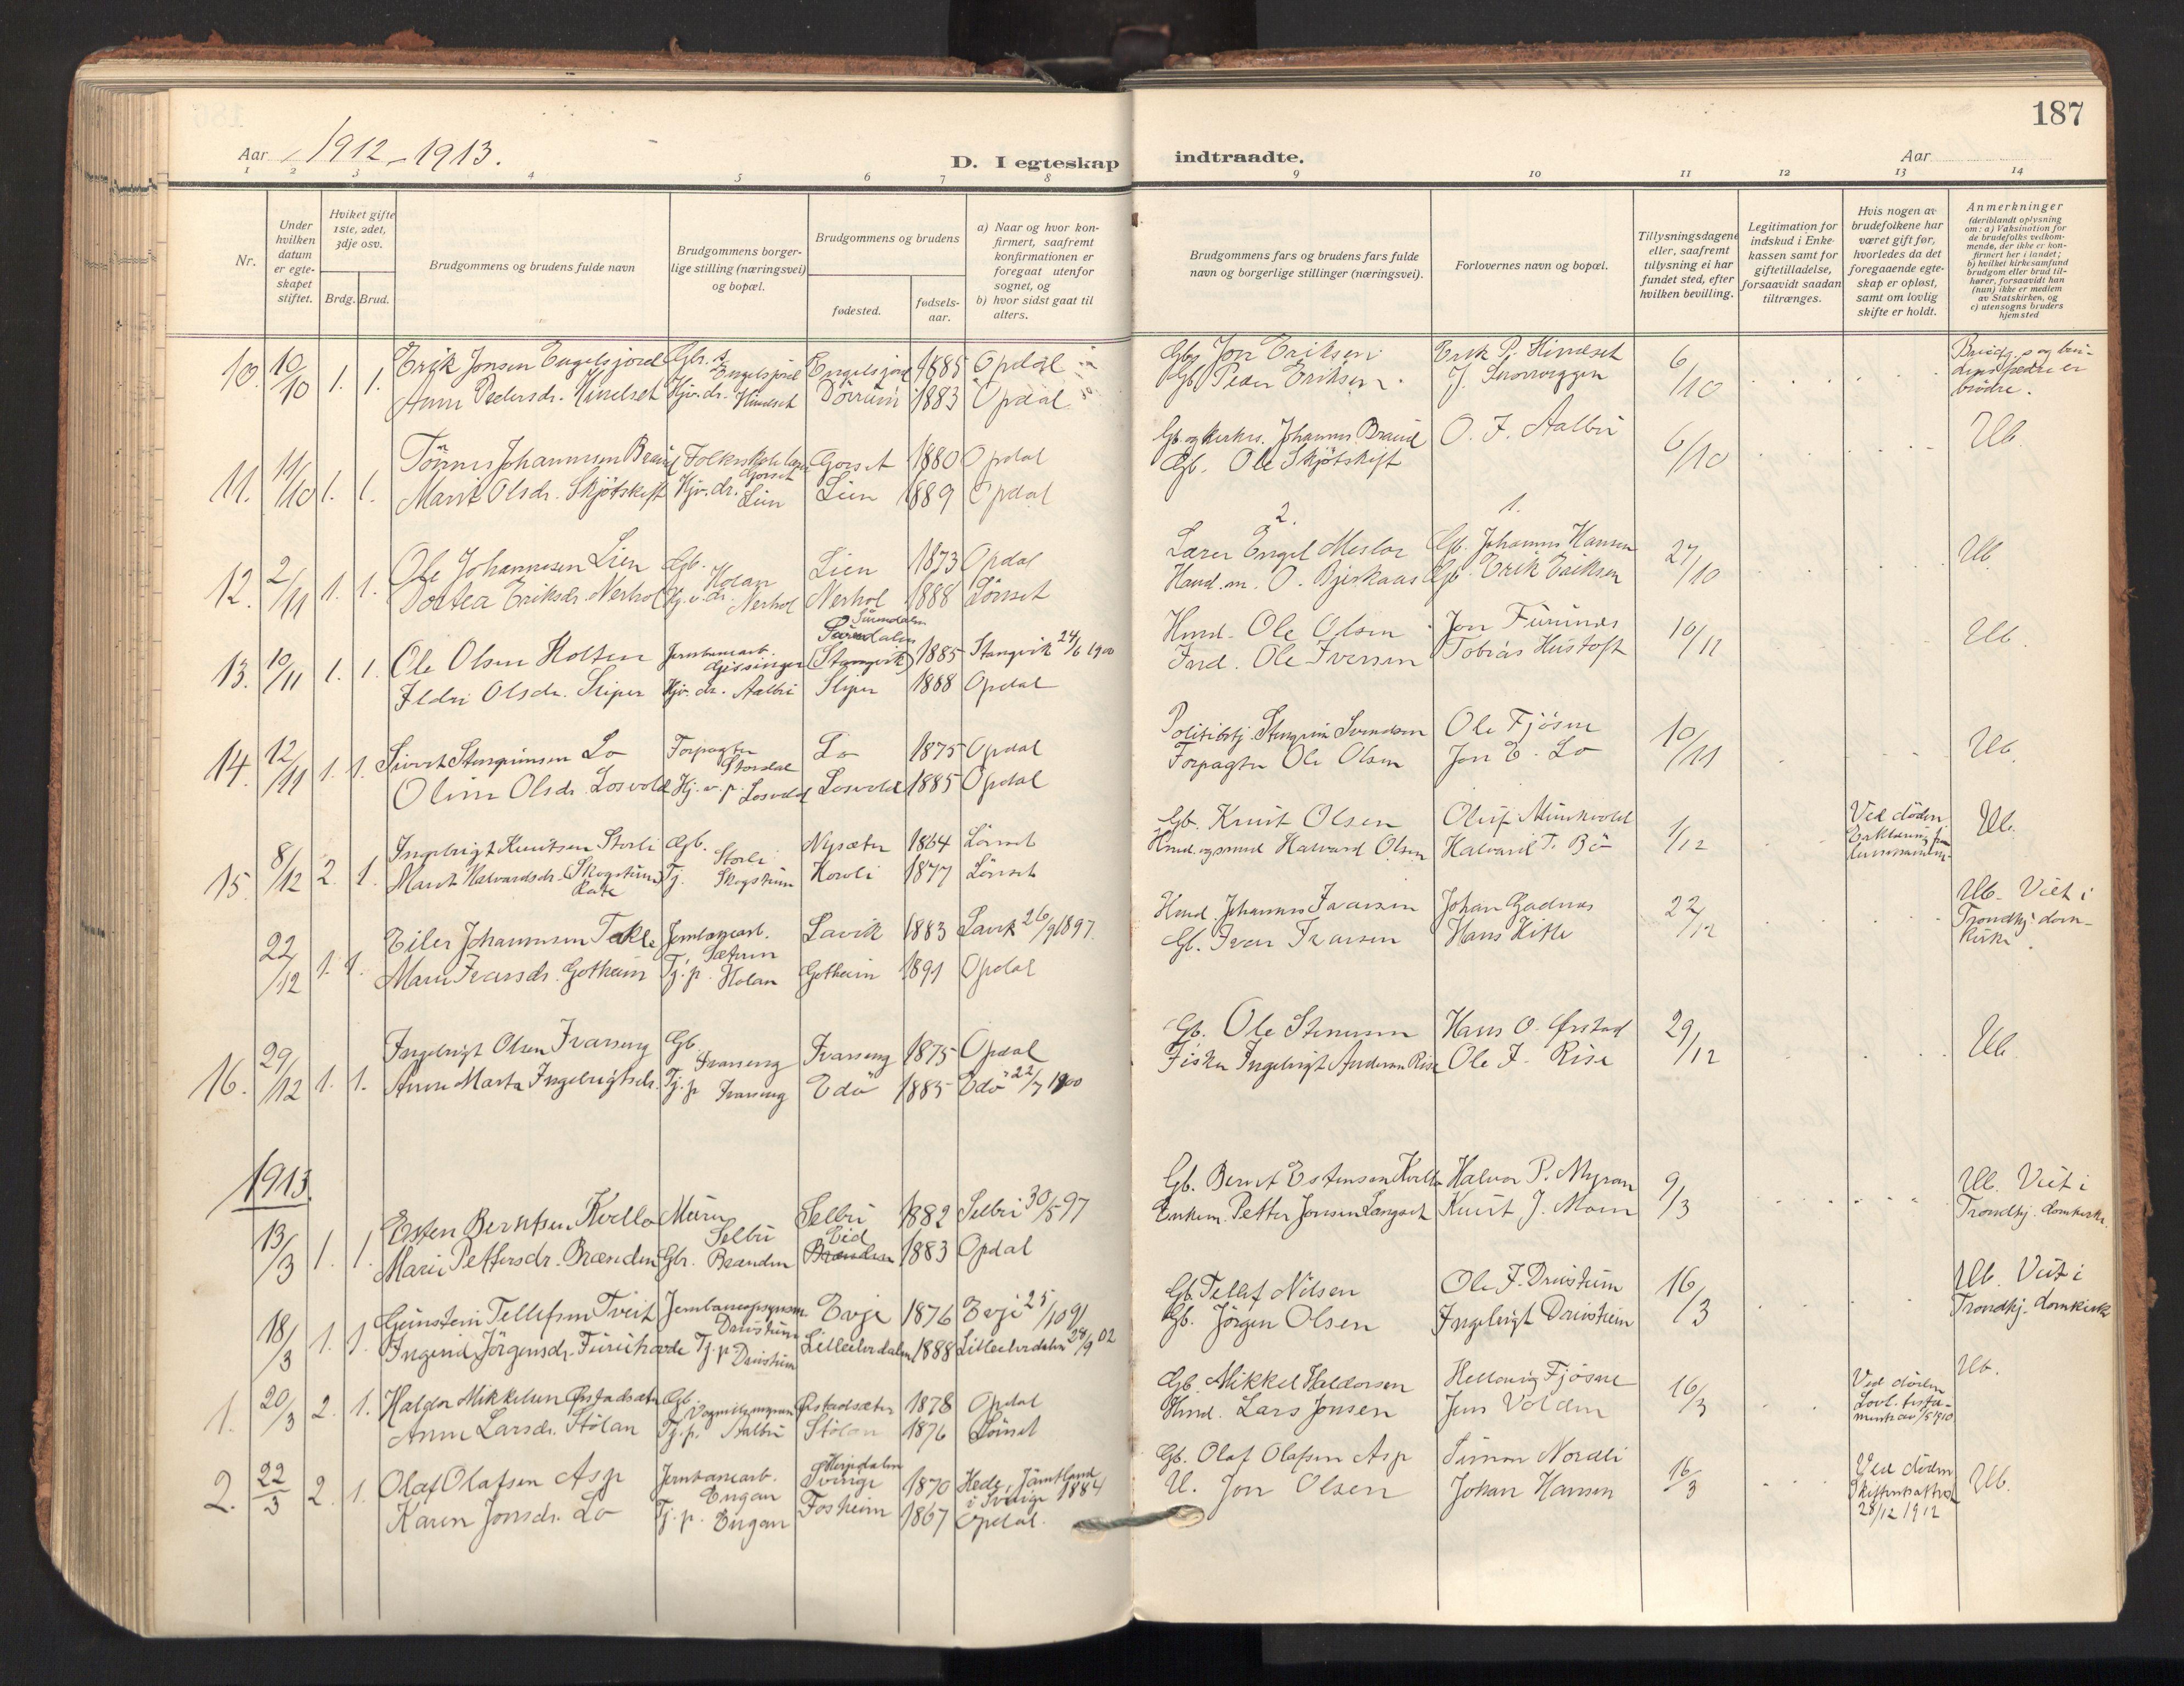 SAT, Ministerialprotokoller, klokkerbøker og fødselsregistre - Sør-Trøndelag, 678/L0909: Ministerialbok nr. 678A17, 1912-1930, s. 187